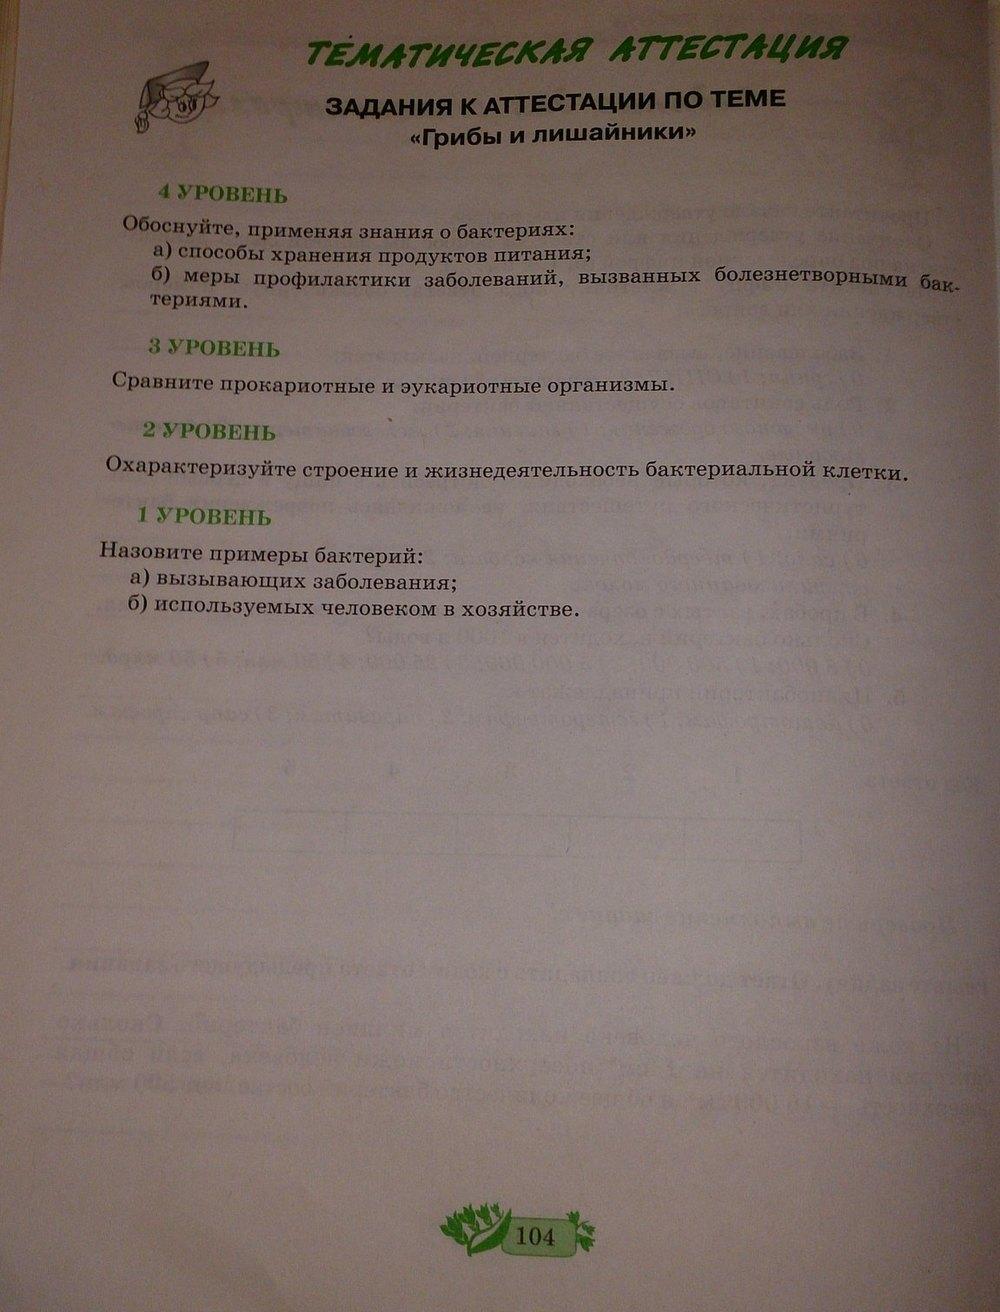 біологія 7 клас гдз робочий зошит андерсон вихренко